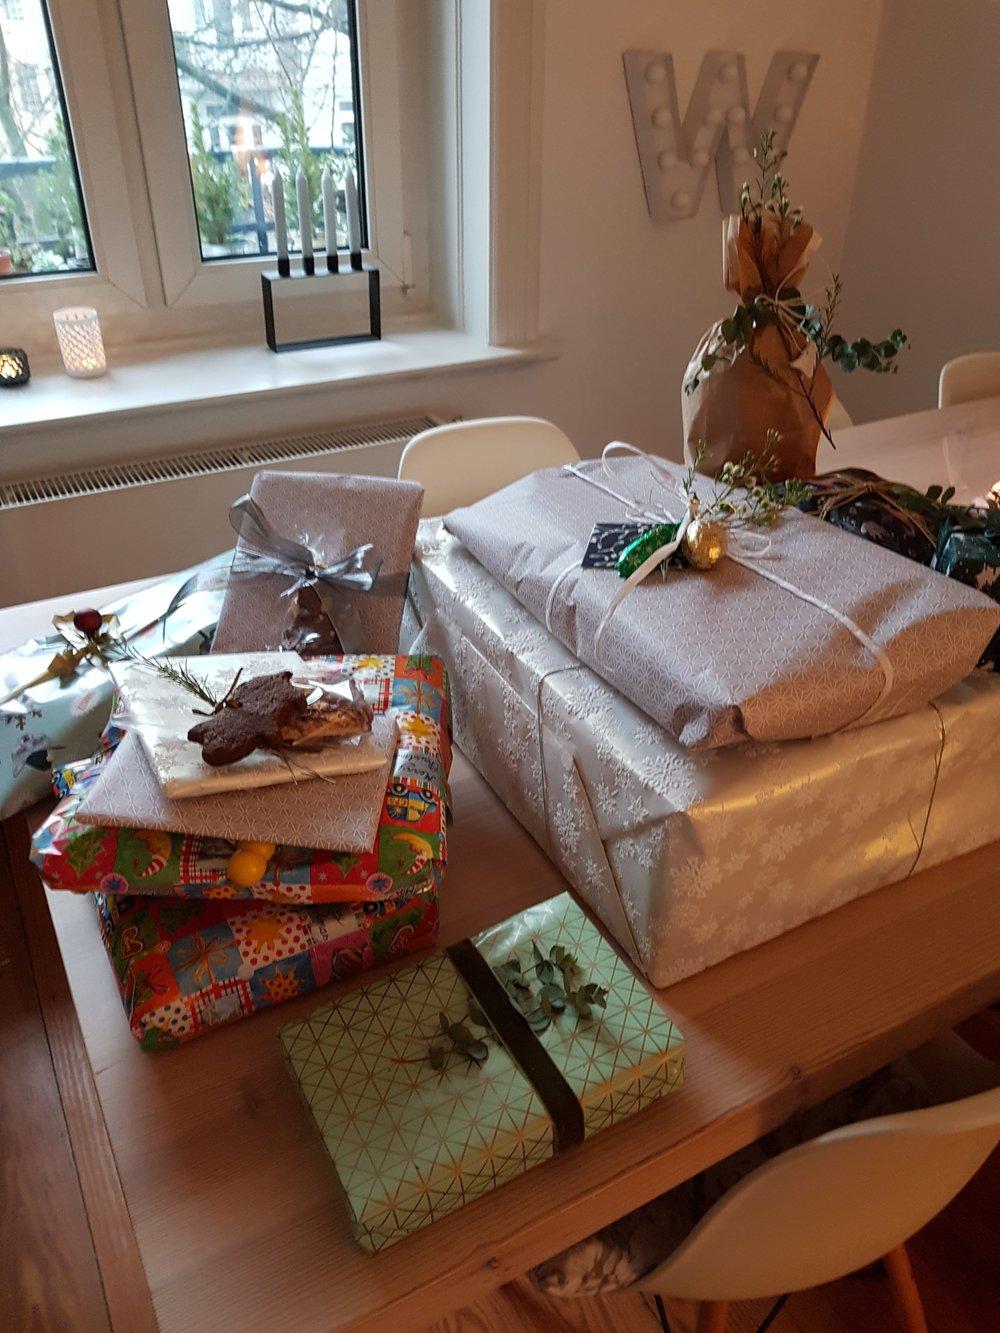 Schöne Weihnachtsgeschenke.Weihnachtsgeschenke Ideen Für Määädchen Designfans Und Schöne Dinge